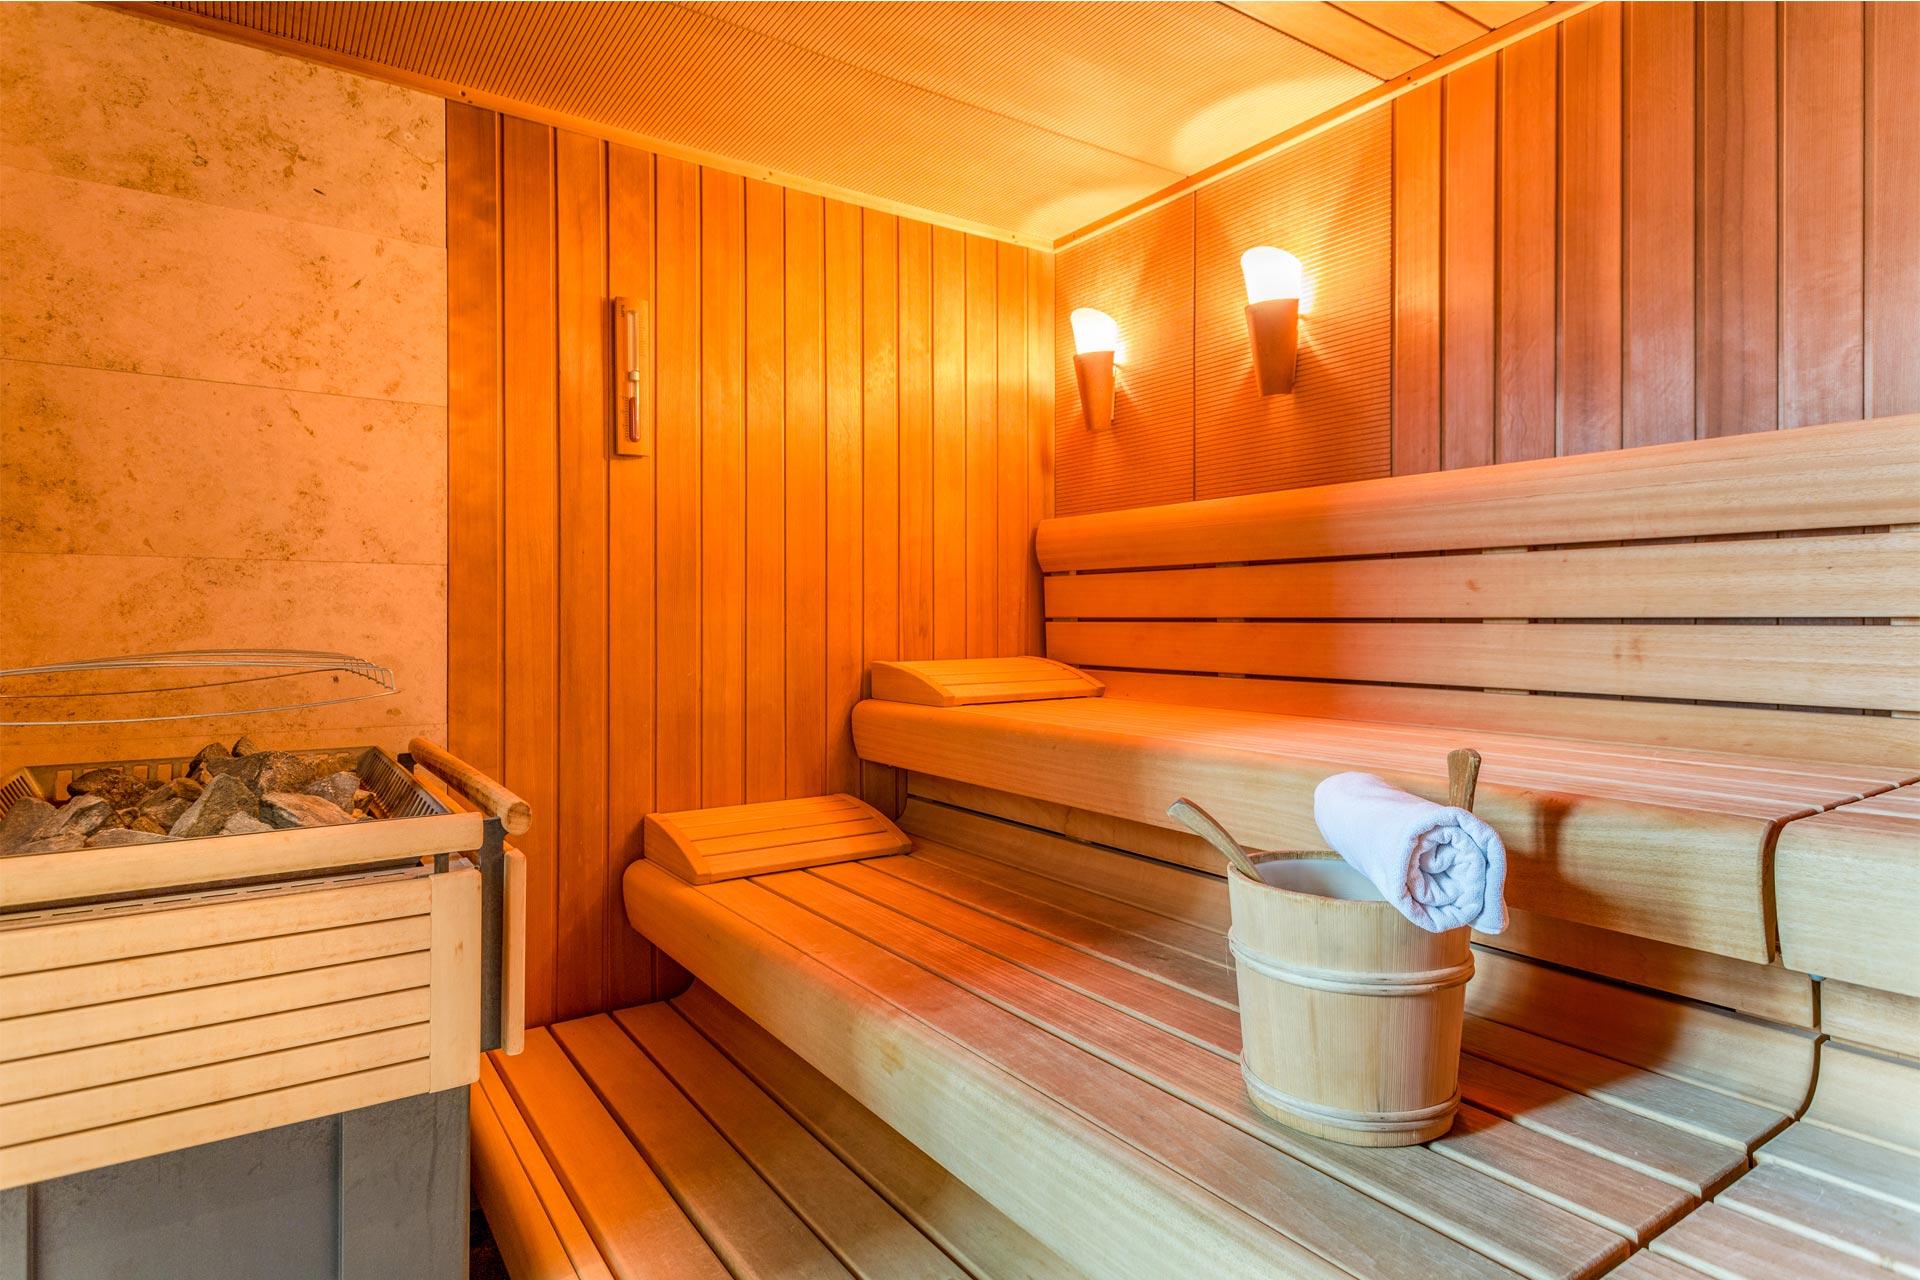 Innenansicht von einer Sauna mit einem Aufguss